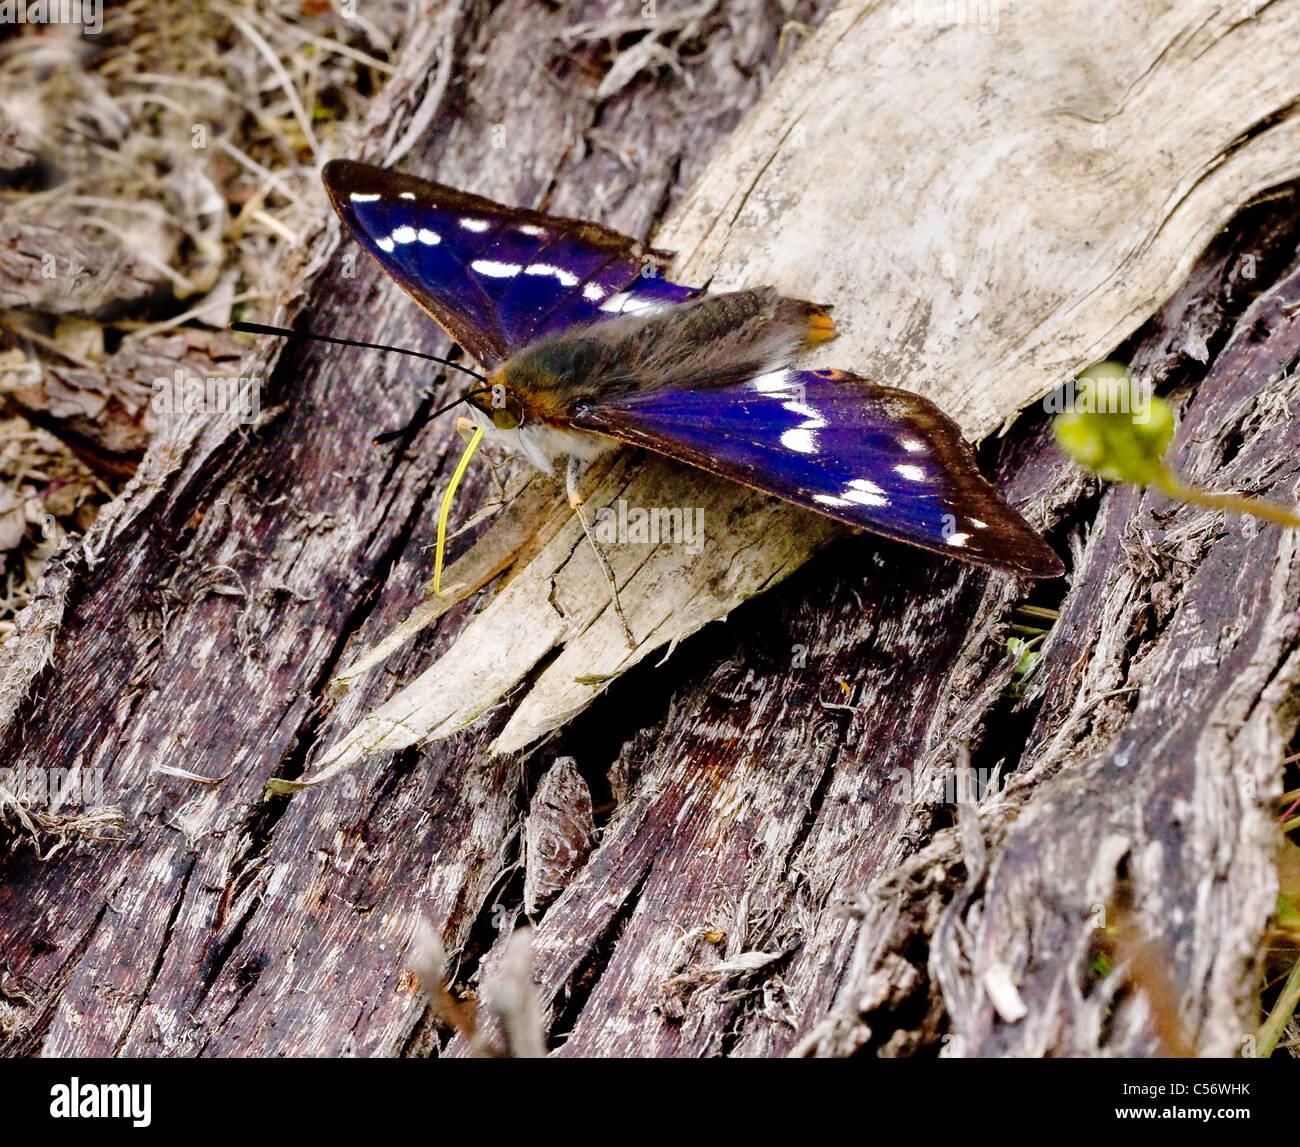 Battaglia segnato maschio imperatore viola butterfly Apatura iris con il suo bel giallo limone proboscide per alimentare Immagini Stock